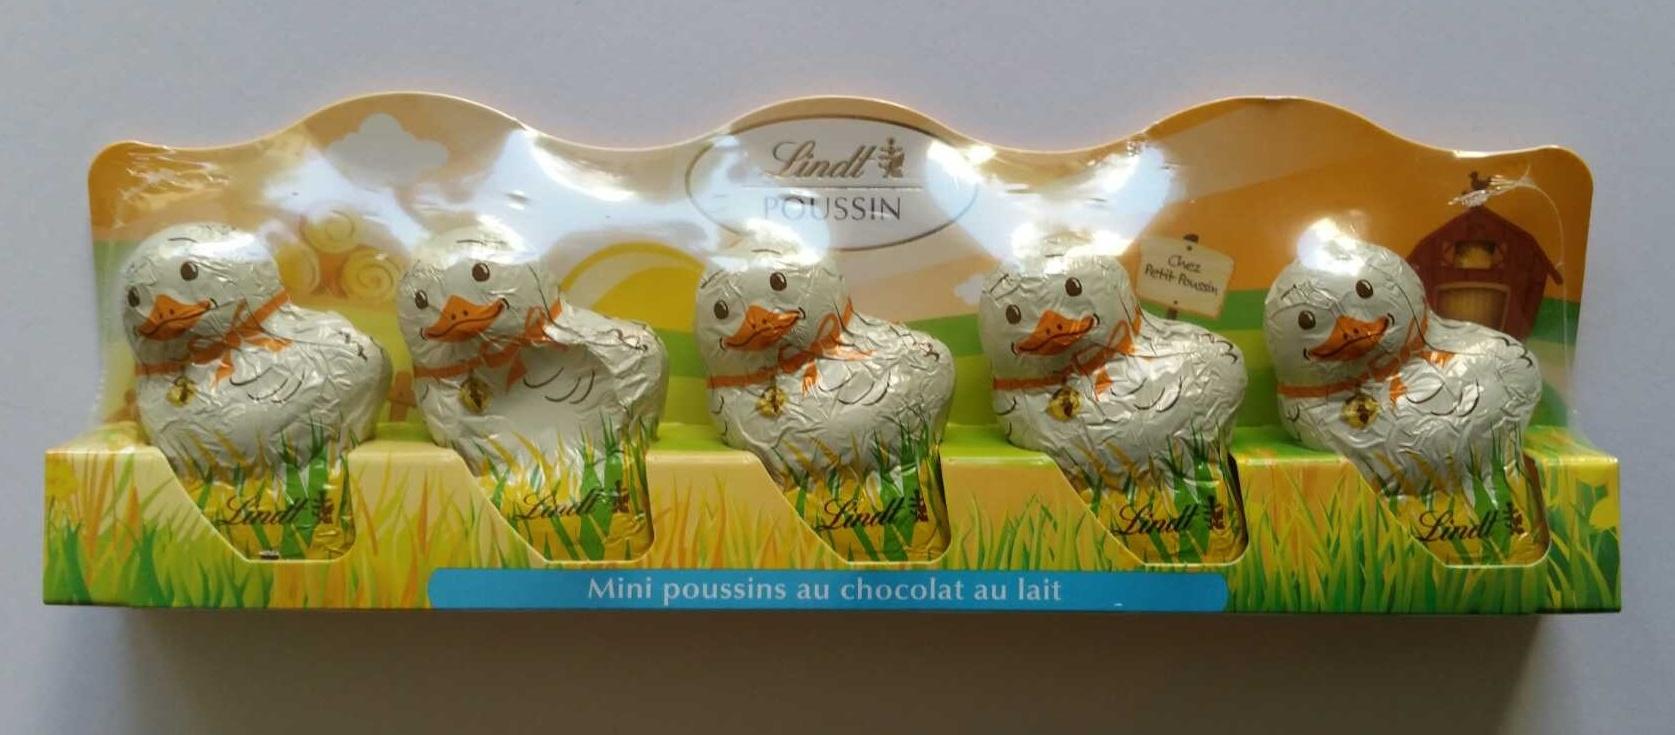 Mini poussins au chocolat au lait - Produit